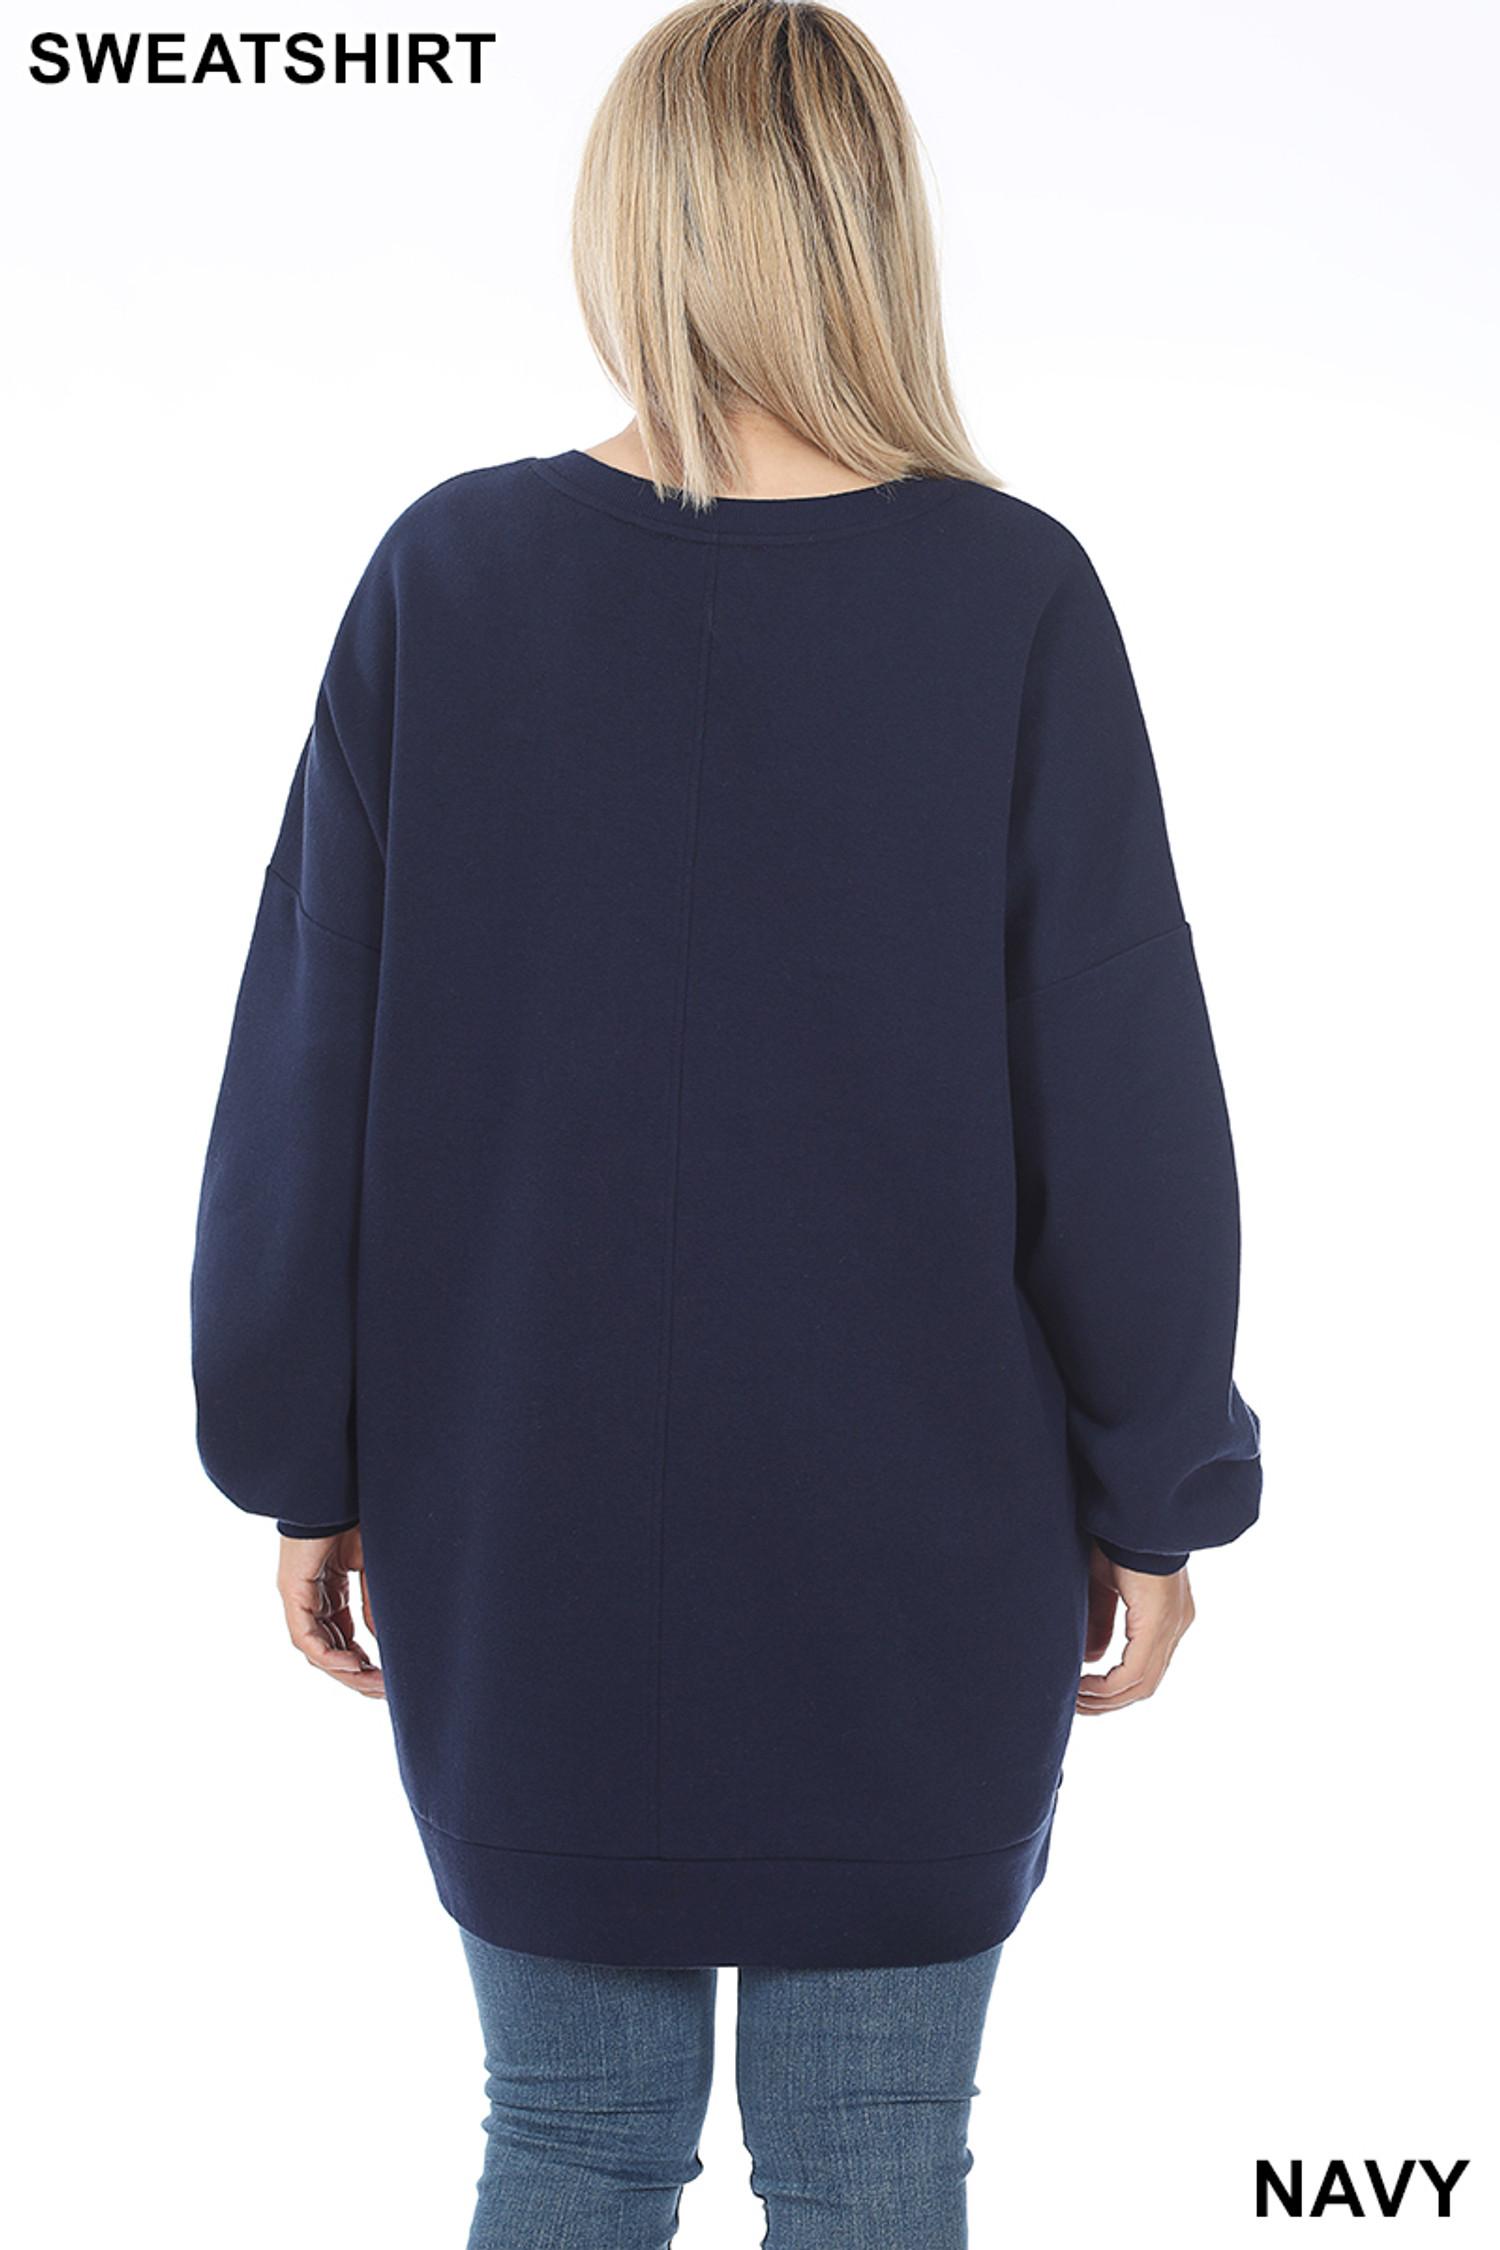 Back image of Navy Oversized V-Neck Longline Plus Size Sweatshirt with Pockets